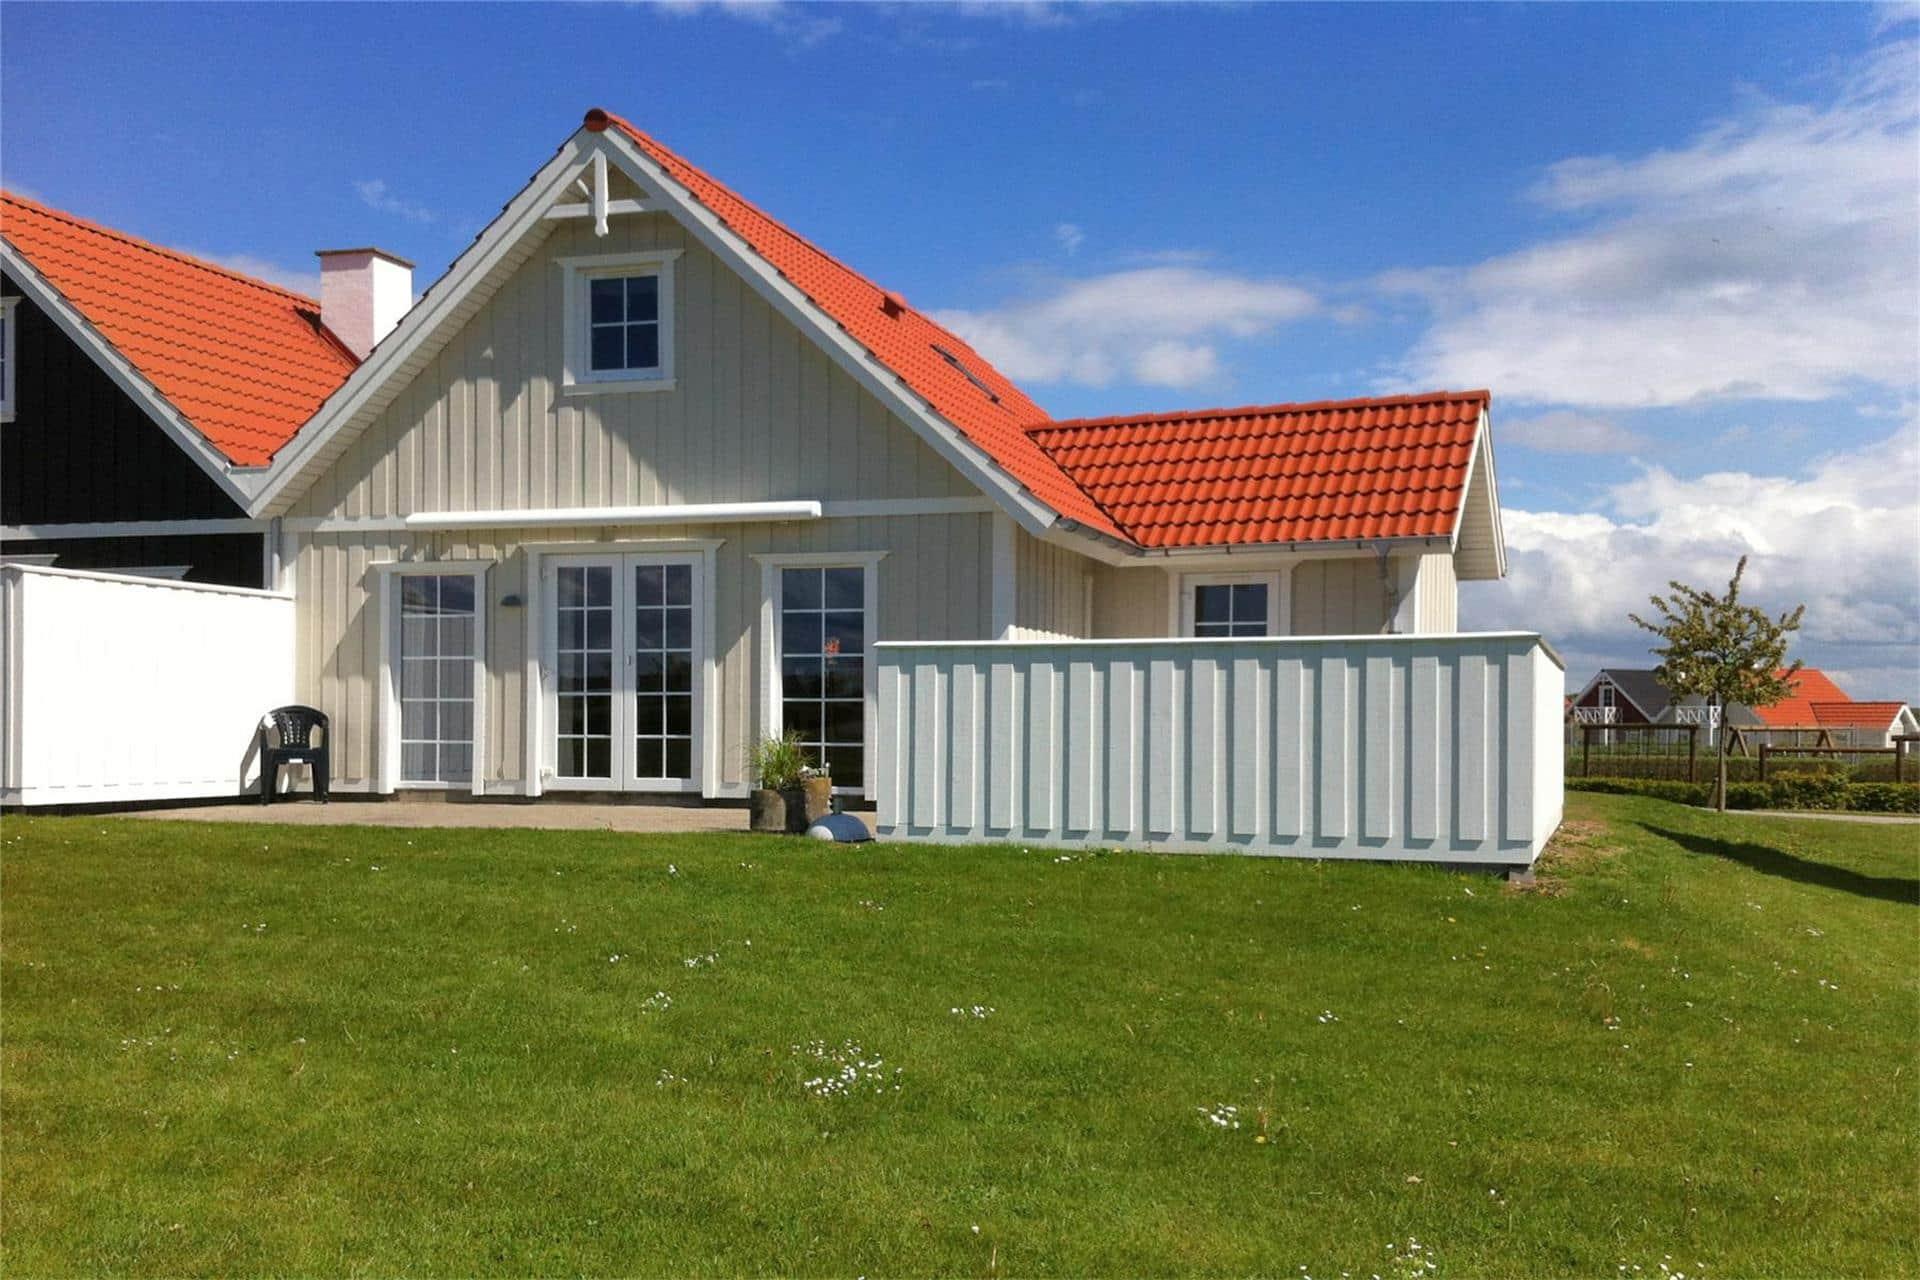 Billede 1-3 Sommerhus M64357, Strandgårdsvej 207, DK - 5464 Brenderup Fyn